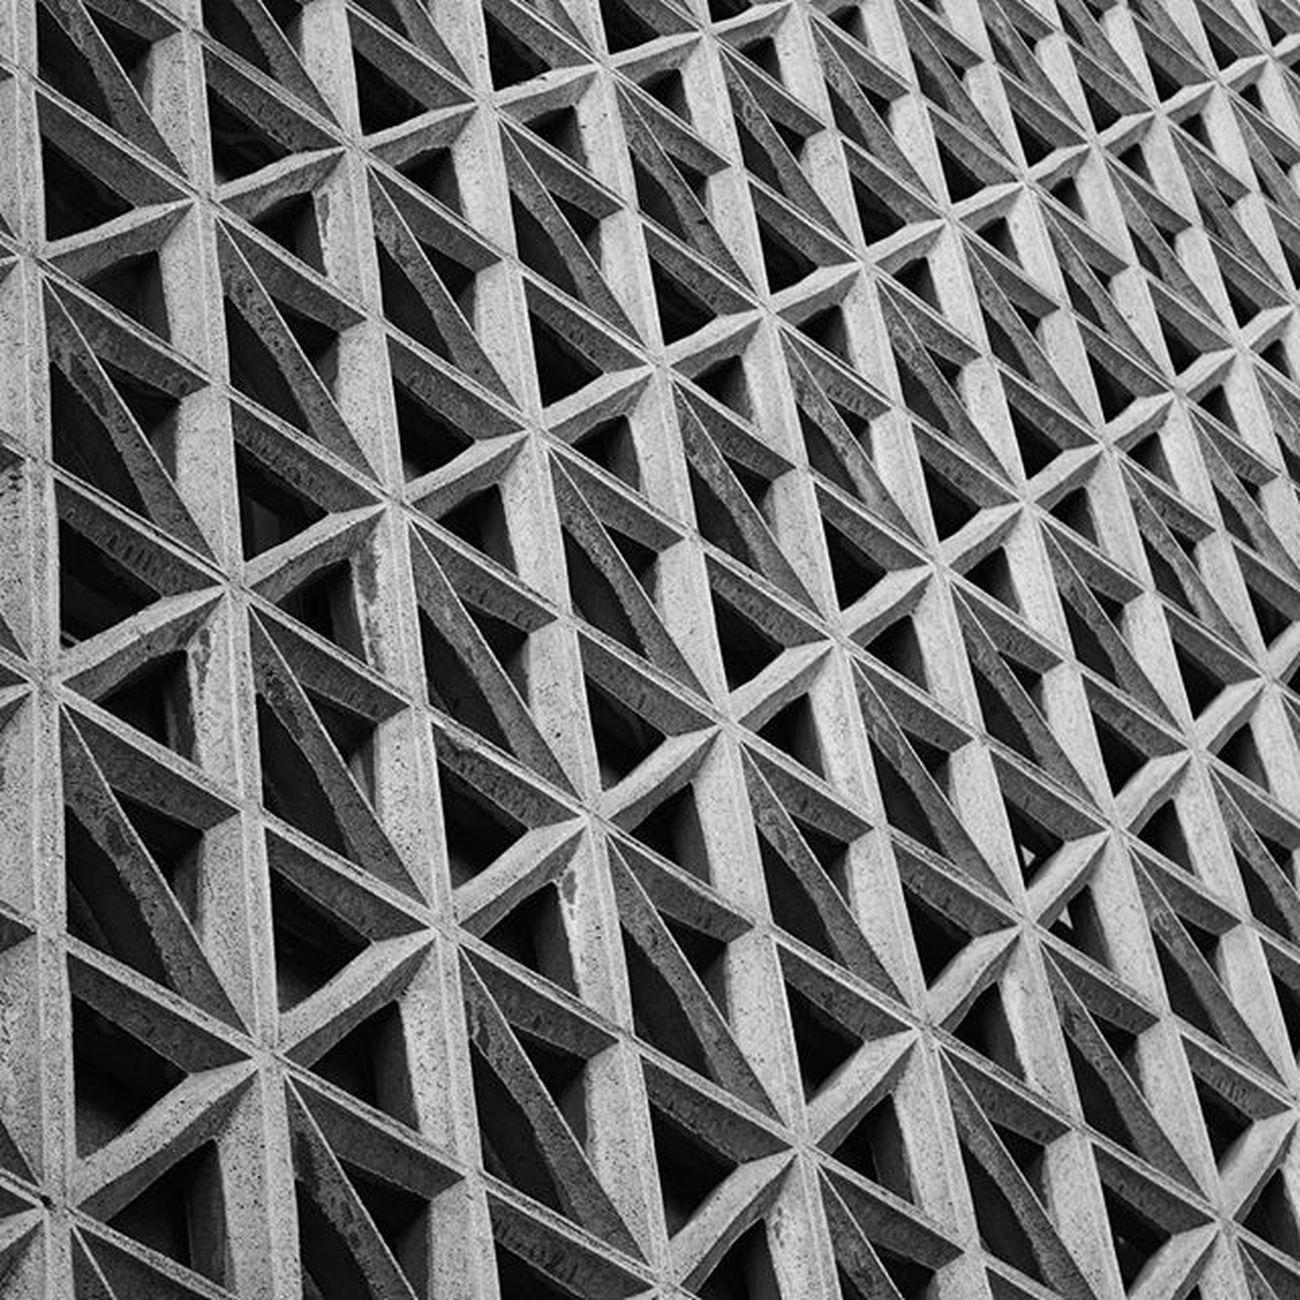 Caltech Travel California Cali Pasadena  Wall Abstract Pattern Perspective Blackandwhite Bnw Bnw_photo Bnw_life Bnw_society Bnw_captures Concrete Nikon D3300